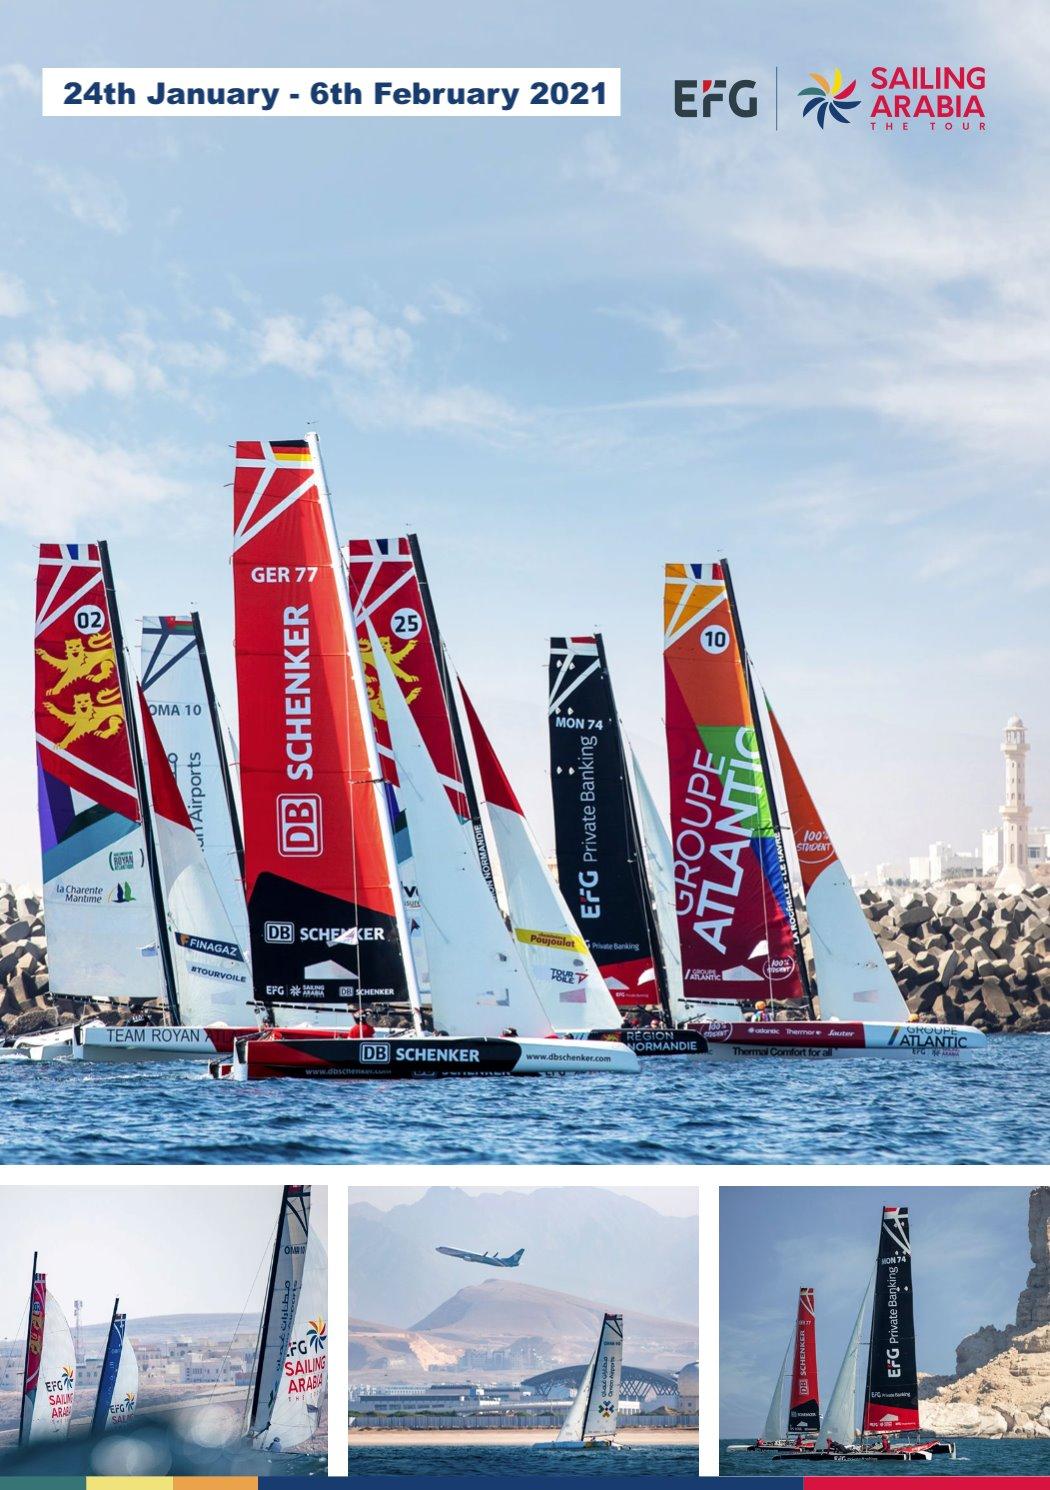 Sailing Arabia the Tour 2021